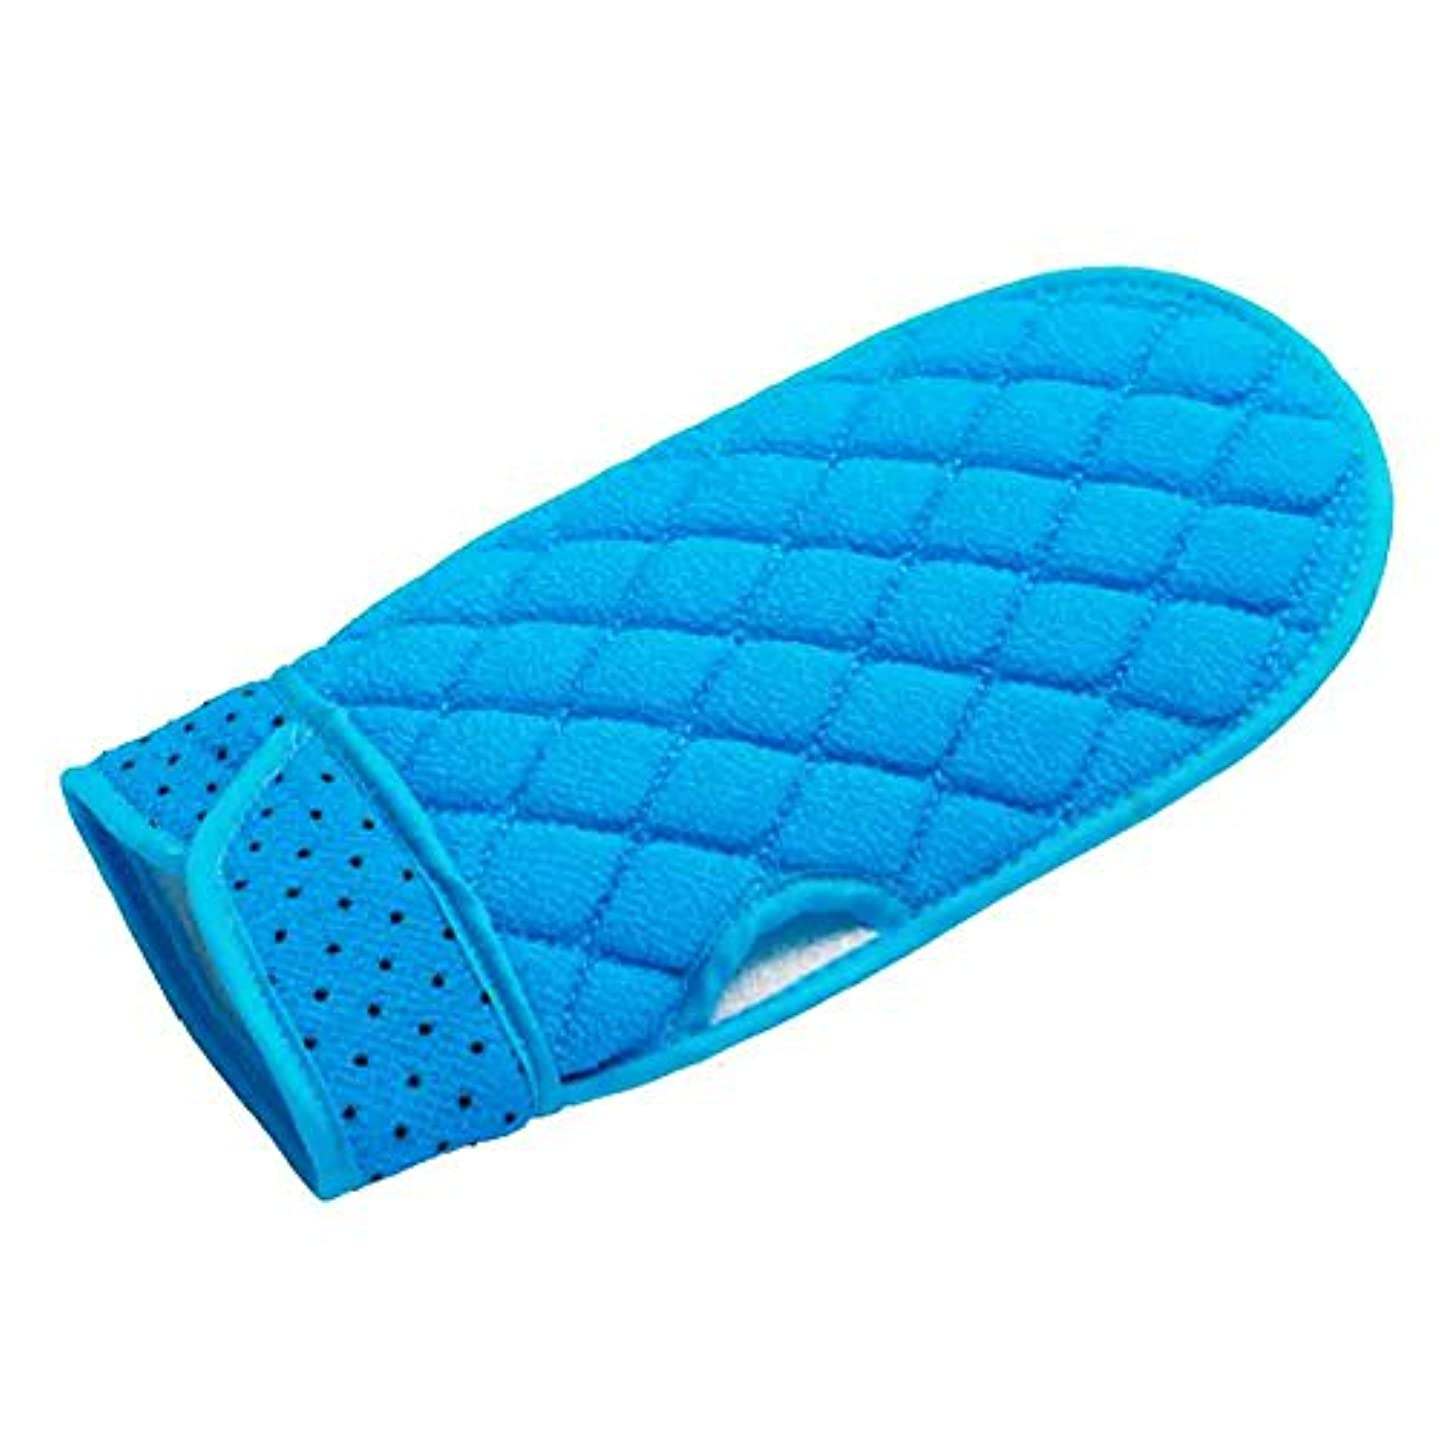 オーナー農夫ゆでる韓国式 垢すり手袋 あかすりミトン (2個セット) (Blue)